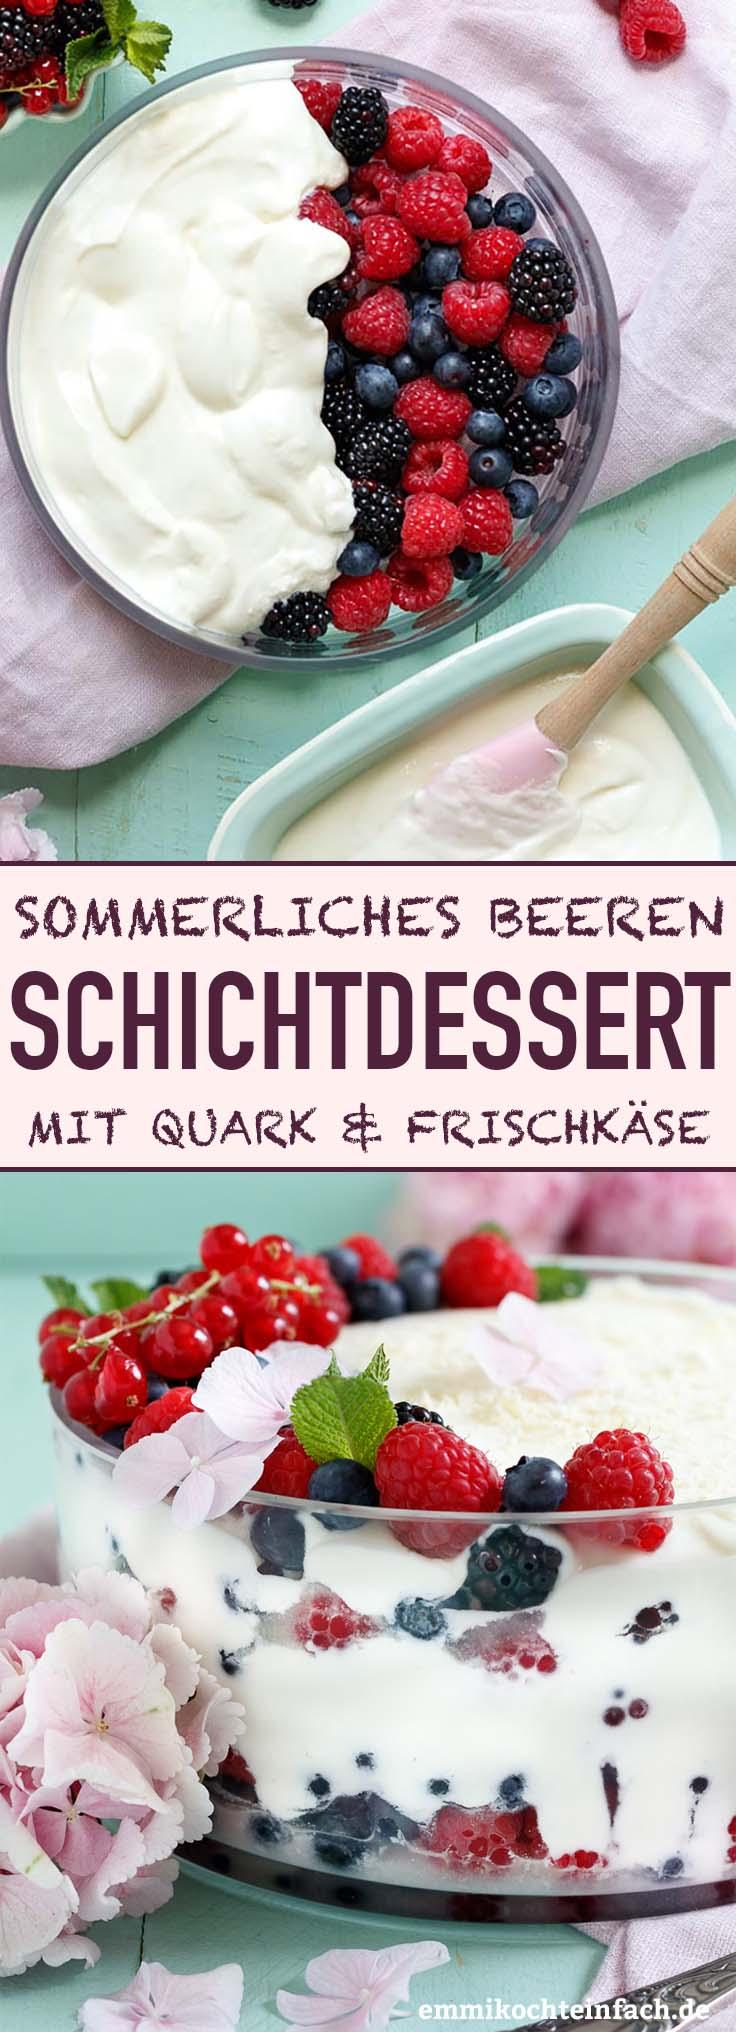 Beeren Schichtdessert mit Quark und Frischkäse - Einfaches Rezept in nur 15 Minuten zubereitet - www.emmikochteinfach.de